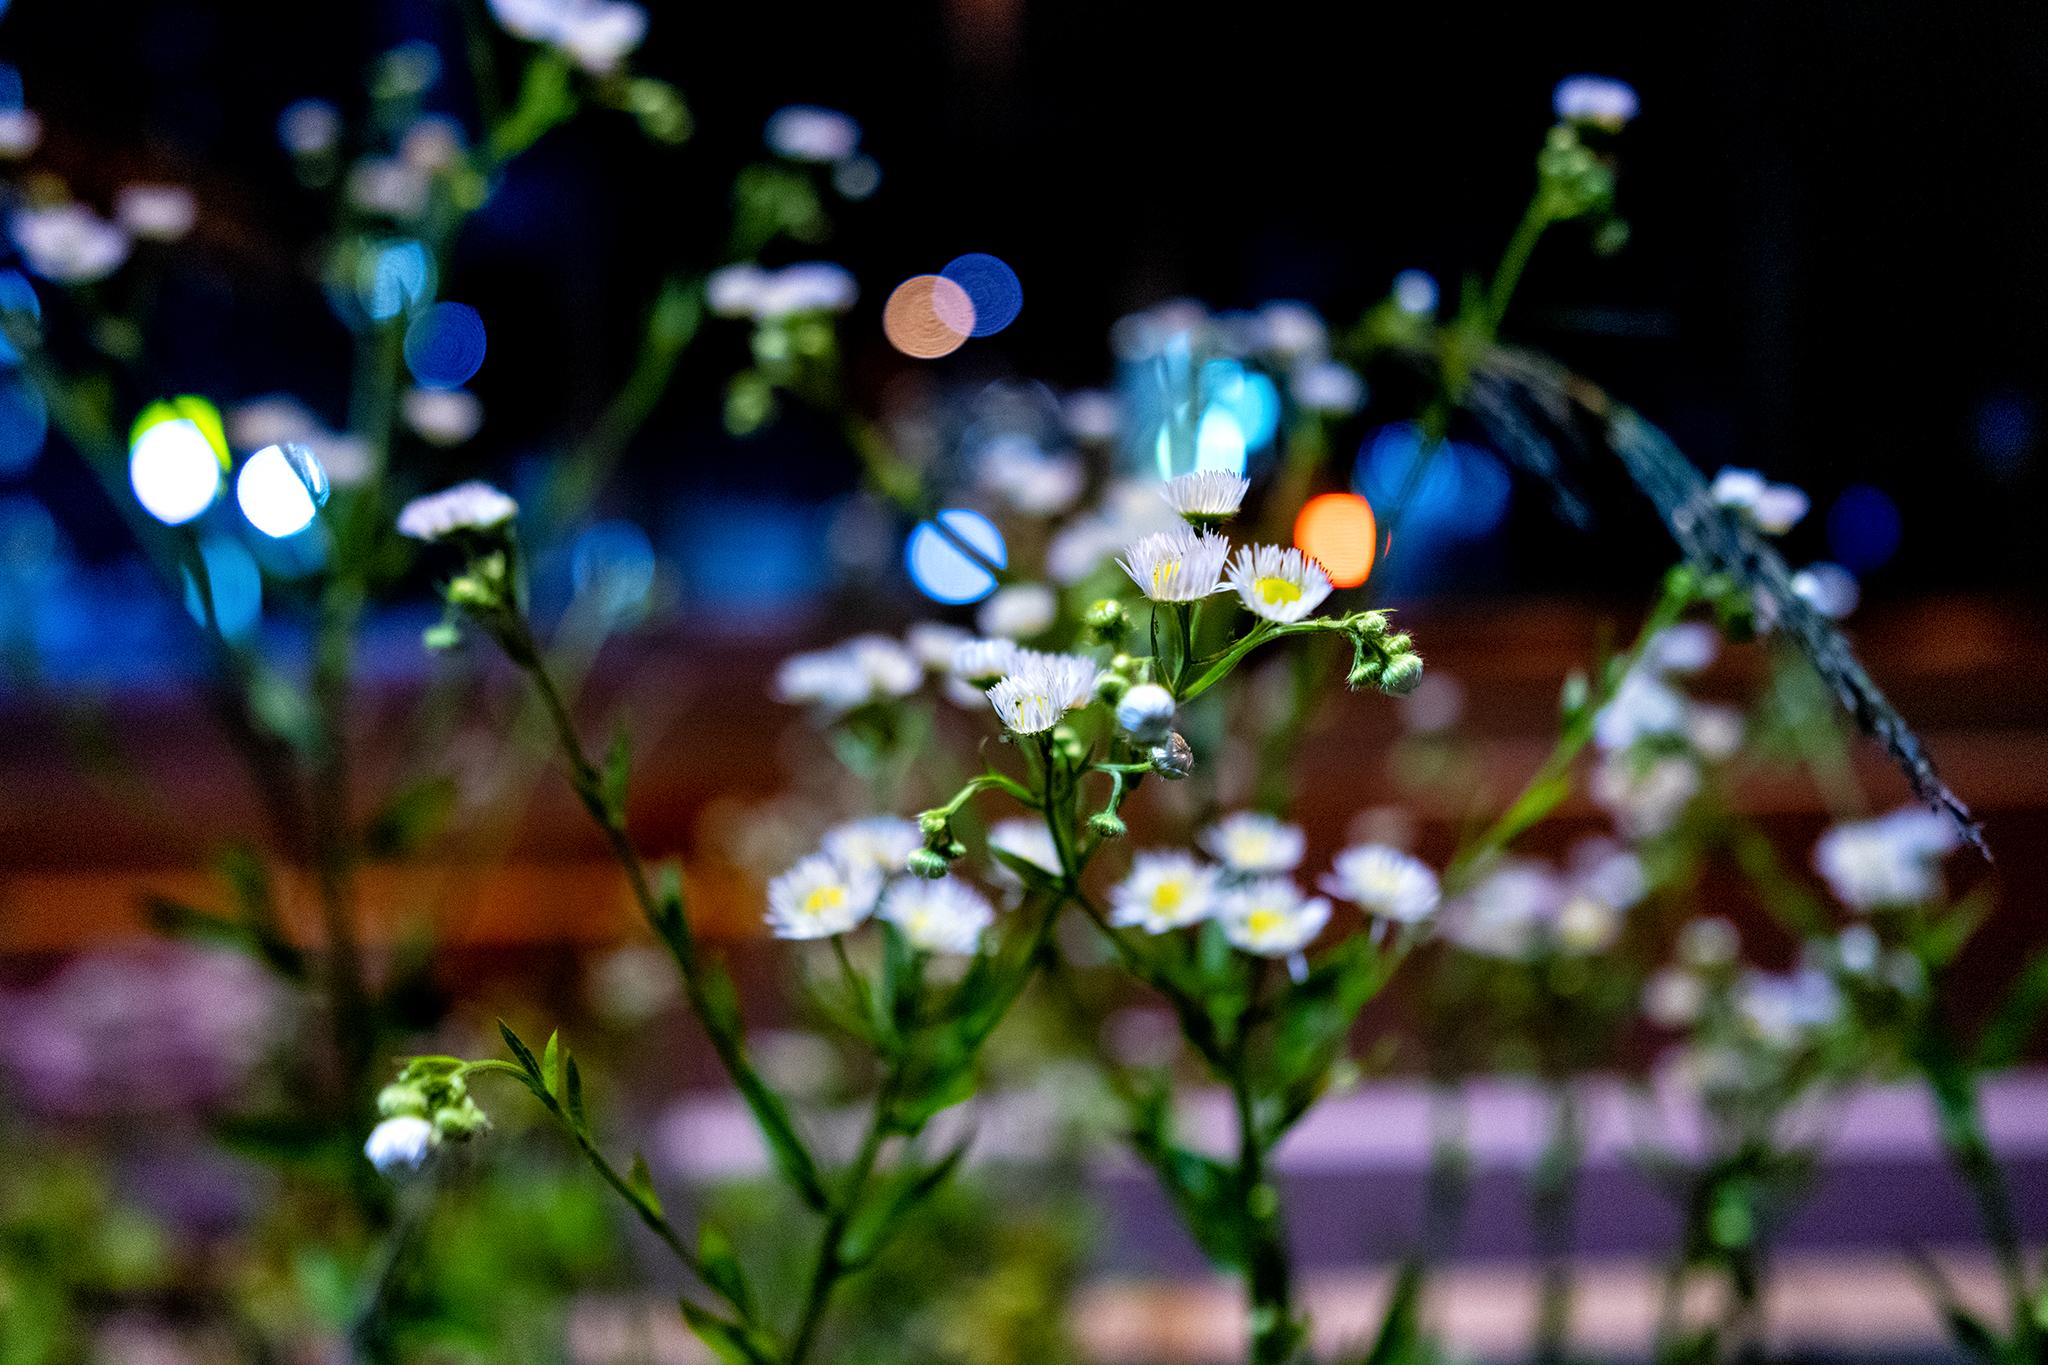 高松市の夜に咲く花【ZEISS Batis 2/25】